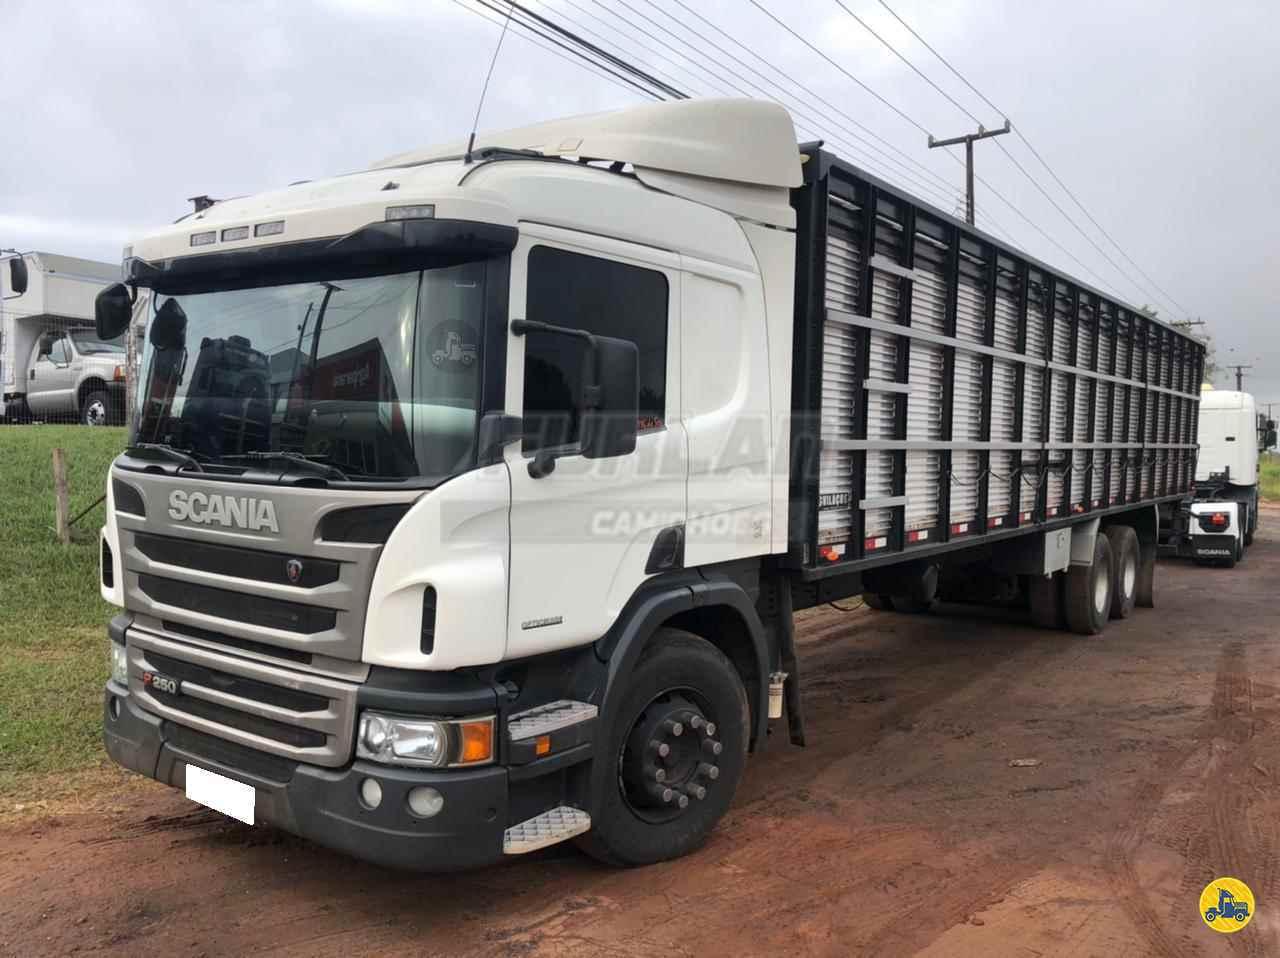 CAMINHAO SCANIA SCANIA P250 Boiadeiro Truck 6x2 Furlan Caminhões UMUARAMA PARANÁ PR